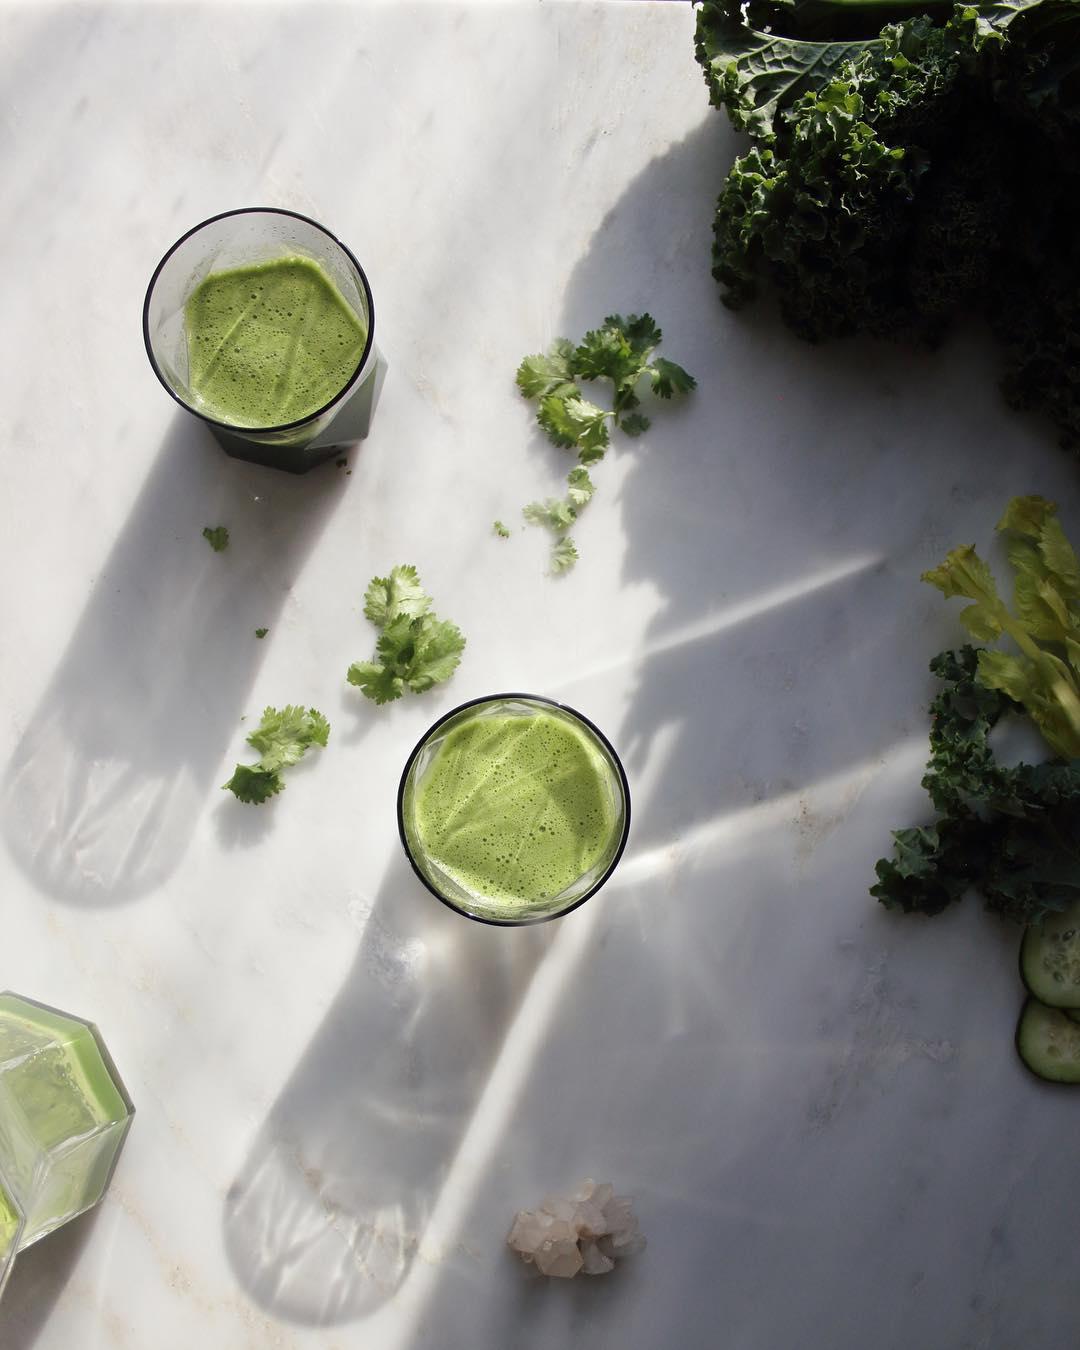 Green Detox Juice - Heart Chakra